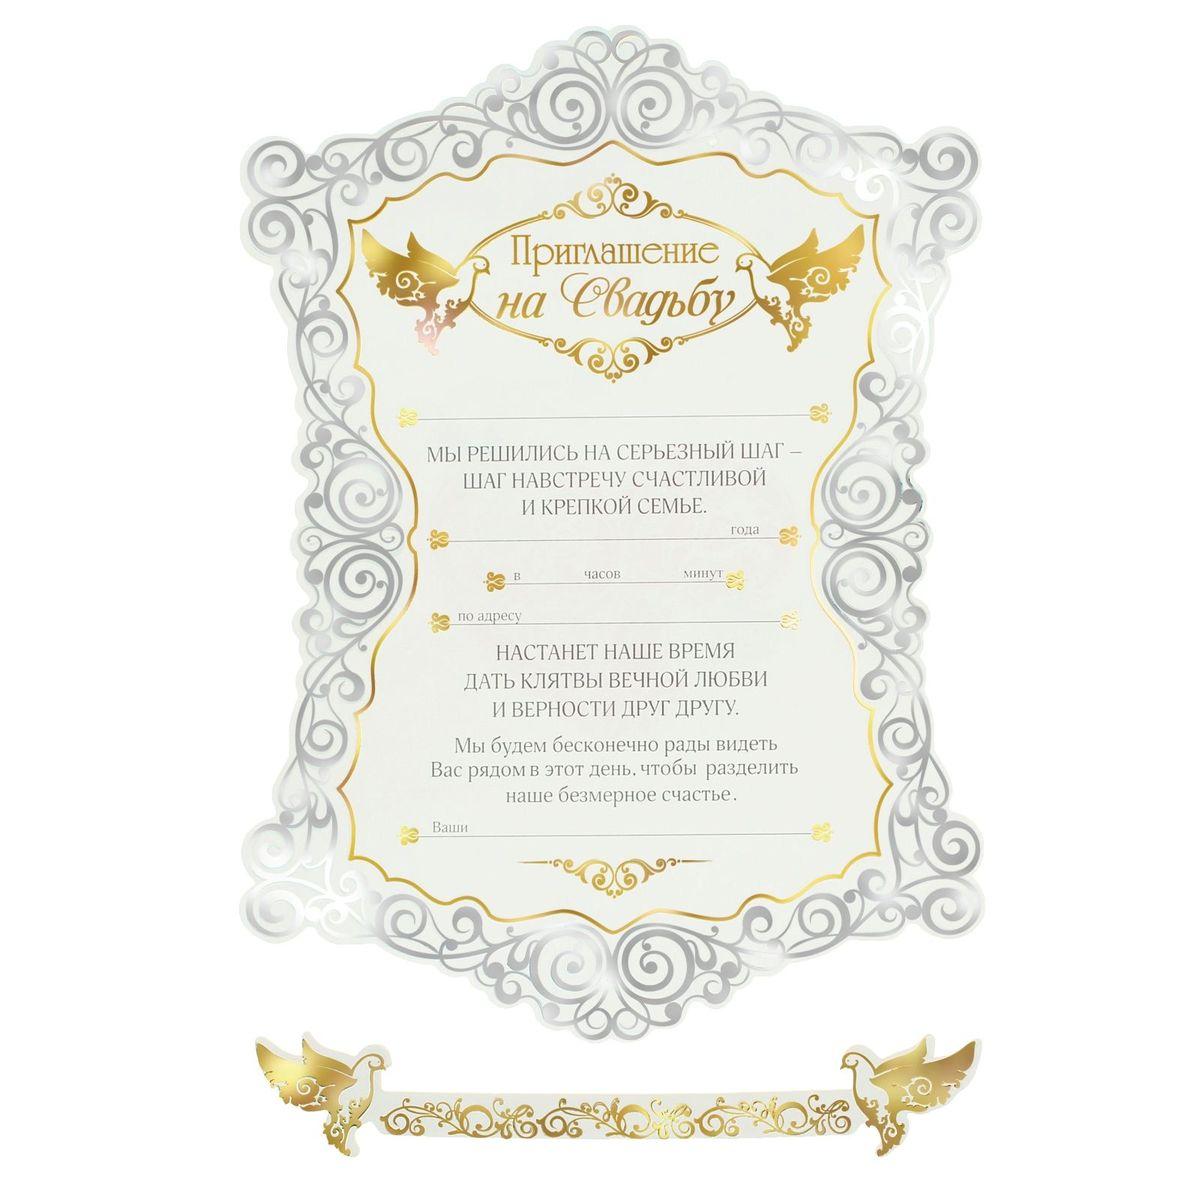 Свадебные приглашения-свитки Sima-land Голубок и голубка, 0,2 x 17,2 x 23,7 см143342Традиции свадебного обряда уходят корнями в далекое прошлое, когда многие важные документы, приказы, указы, послания передавались в форме свитков. Добавить оригинальность и показать верность традициям поможет свадебное приглашение-свиток Голубок и голубка. Разработанное дизайнерами специально для вашей свадебной церемонии приглашение подчеркнёт важность торжества. Открытка имеет неповторимую резную форму, в комплект входит элегантная картонная лента, которая дополнительно украсит и скрепит свиток. Нежные цвета, золотистые элементы, традиционные свадебные мотивы и орнамент подойдут к любому стилю, в котором планируется оформить свадьбу. Внутри свитка — текст приглашения с тёплыми словами для адресата. Дизайнеры продумали все детали. Вам остаётся заполнить необходимые строки и раздать гостям. Устройте незабываемую свадьбу!